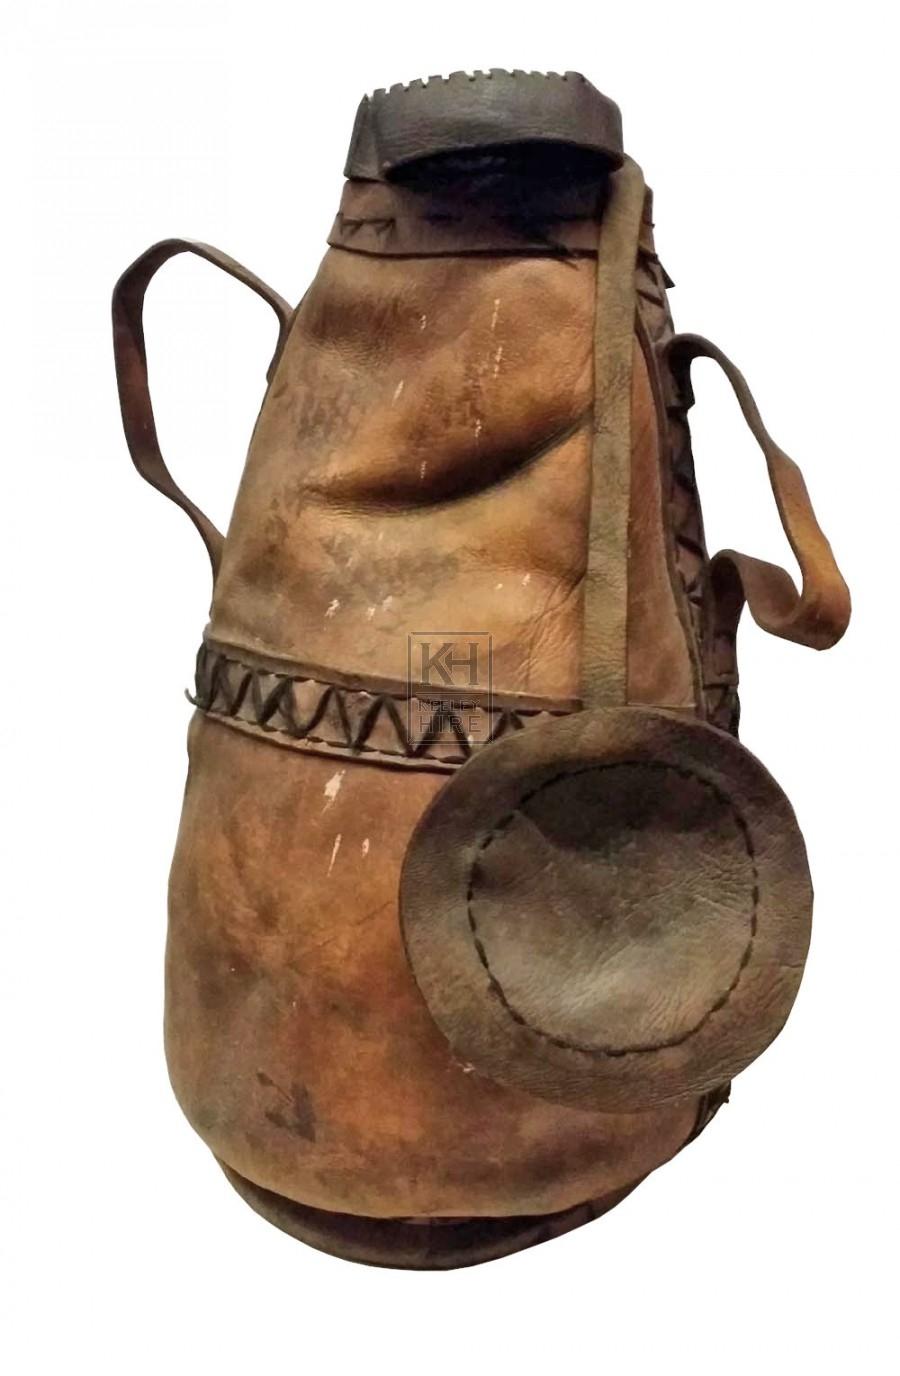 Tall bulbous leather bag